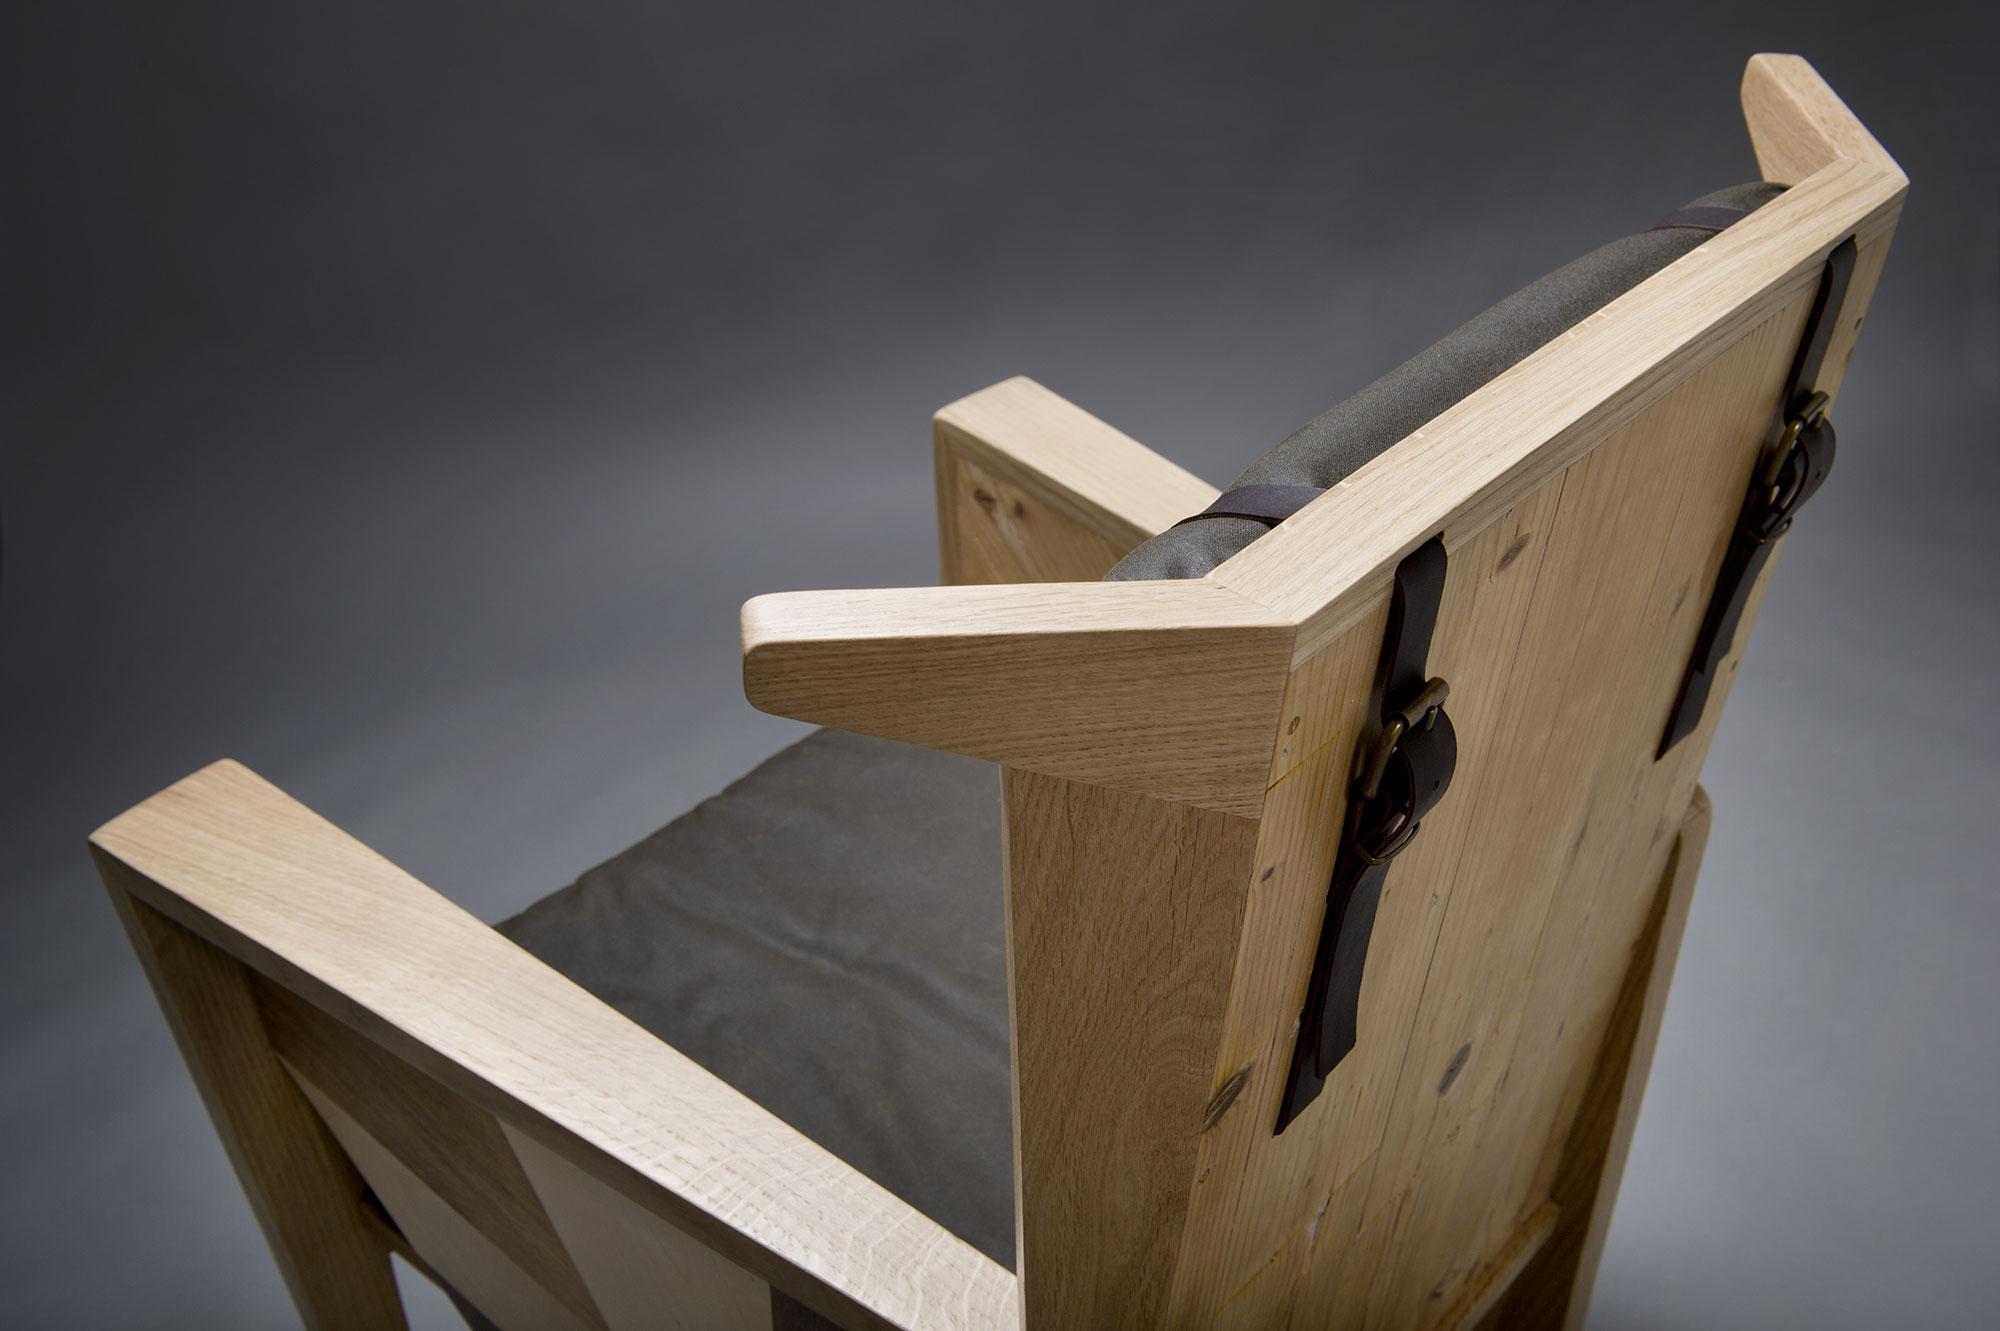 Poltrona in legno riciclato e legno massello con cuscini sfoderabili in waxed canvas. Abiuno e Laquercia21